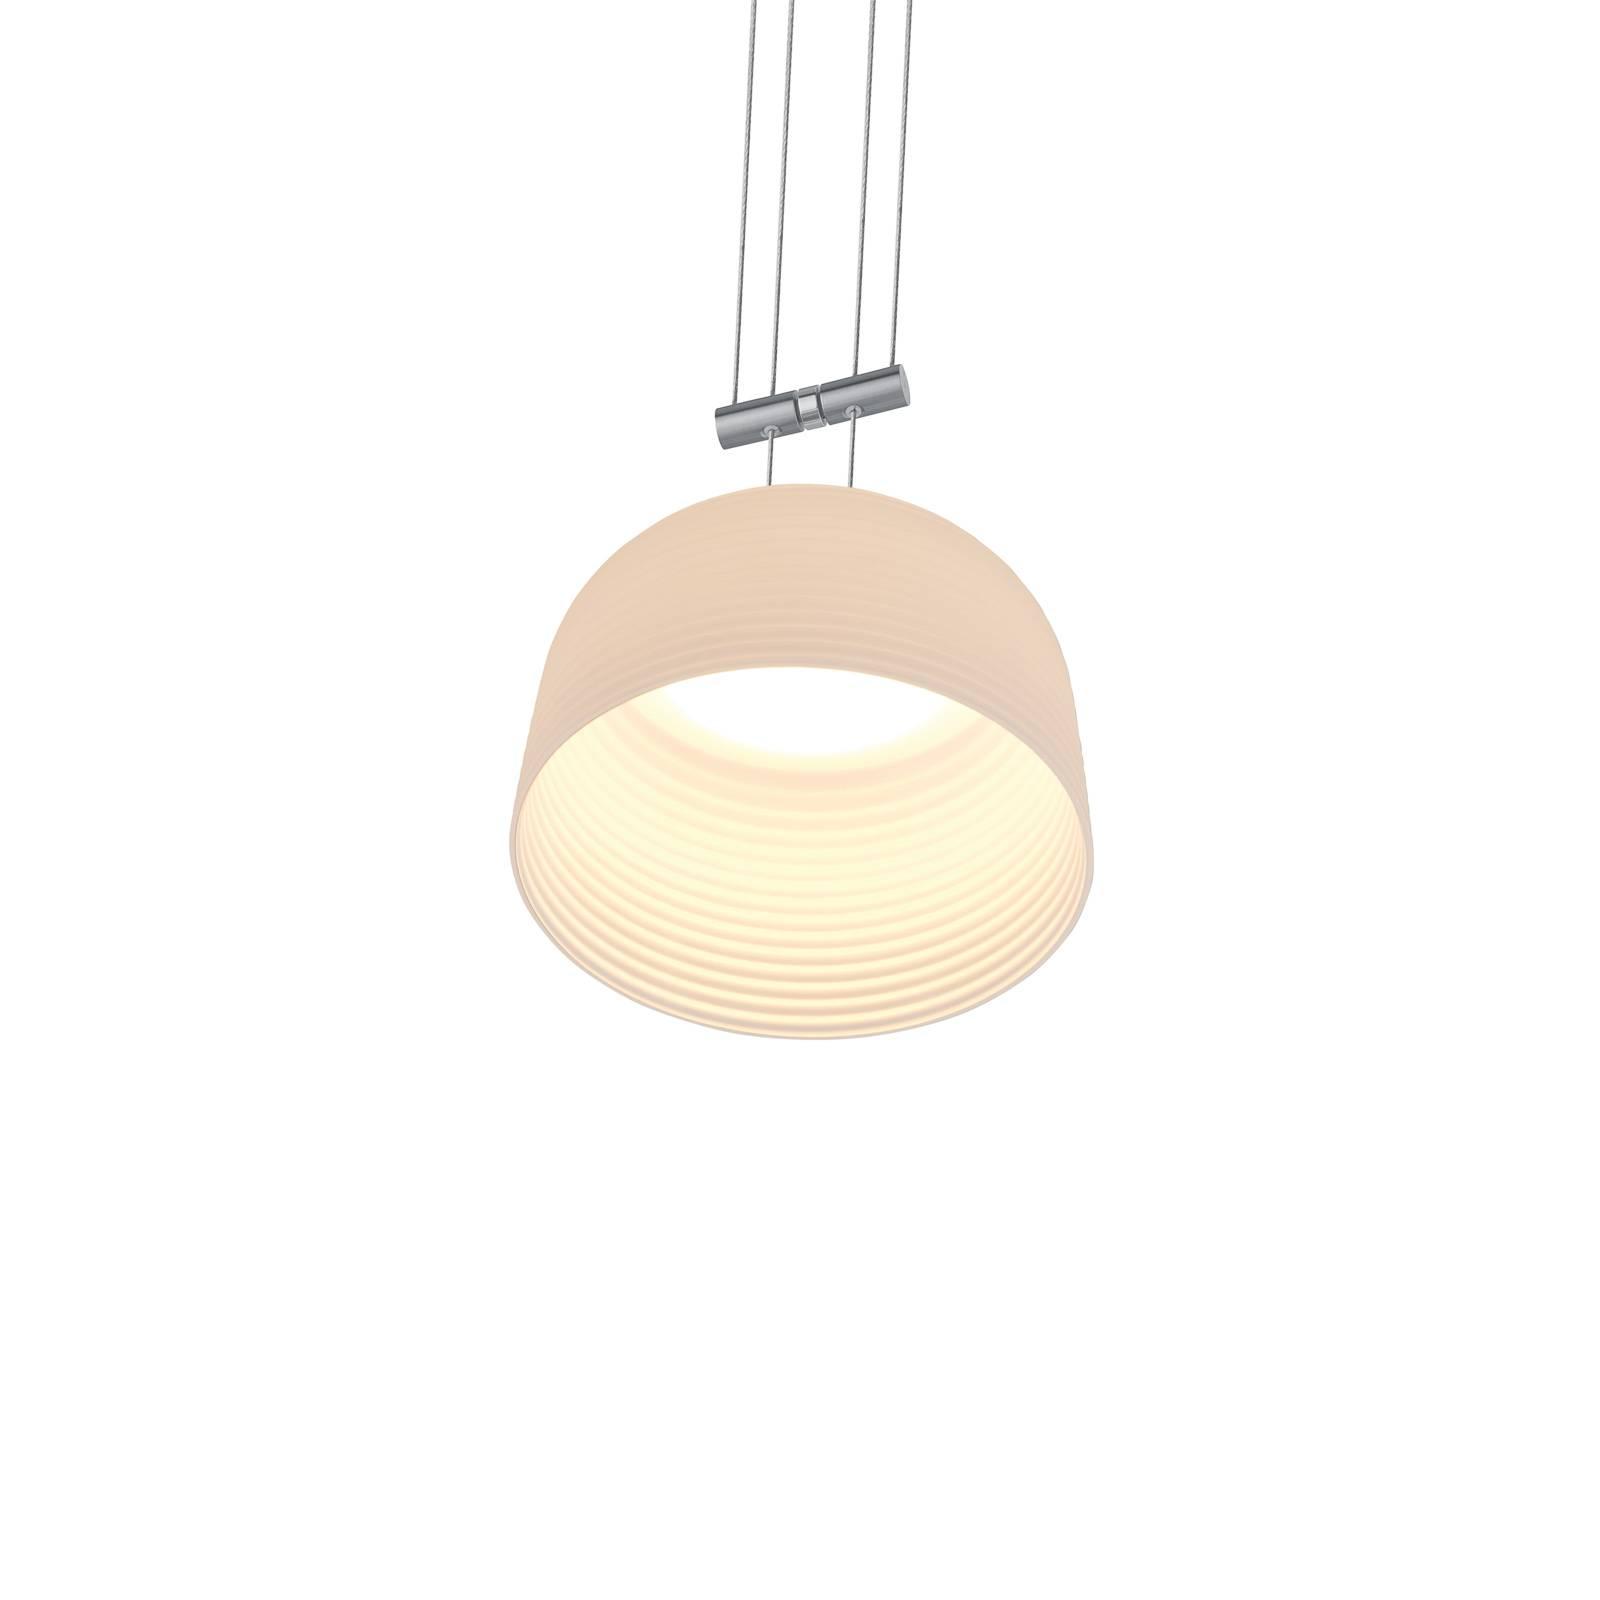 BANKAMP Nelia hanglamp ZigBee dimbaar 16cm nikkel